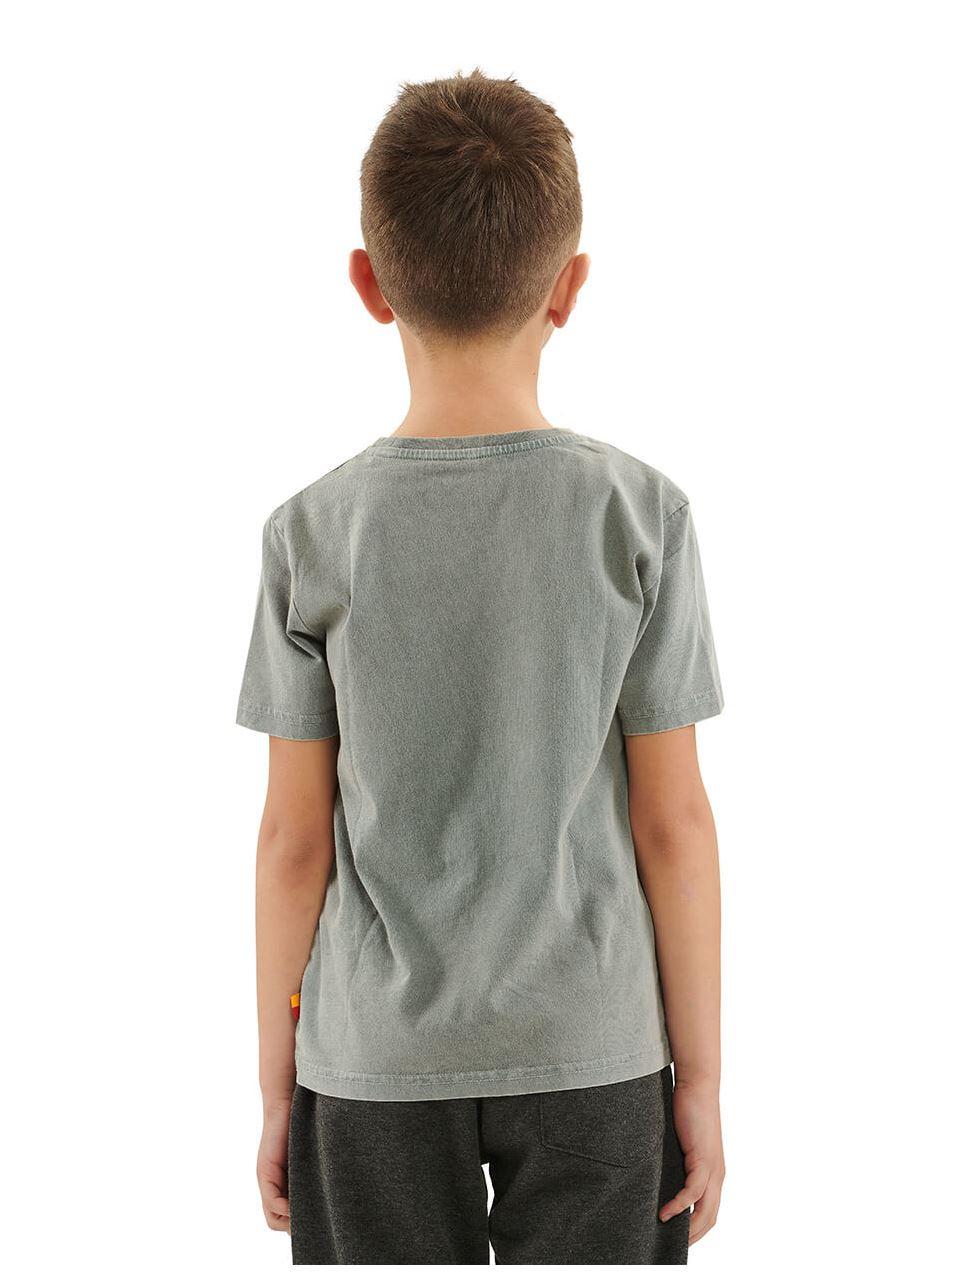 Galatasaray Çocuk T-shirt C191034